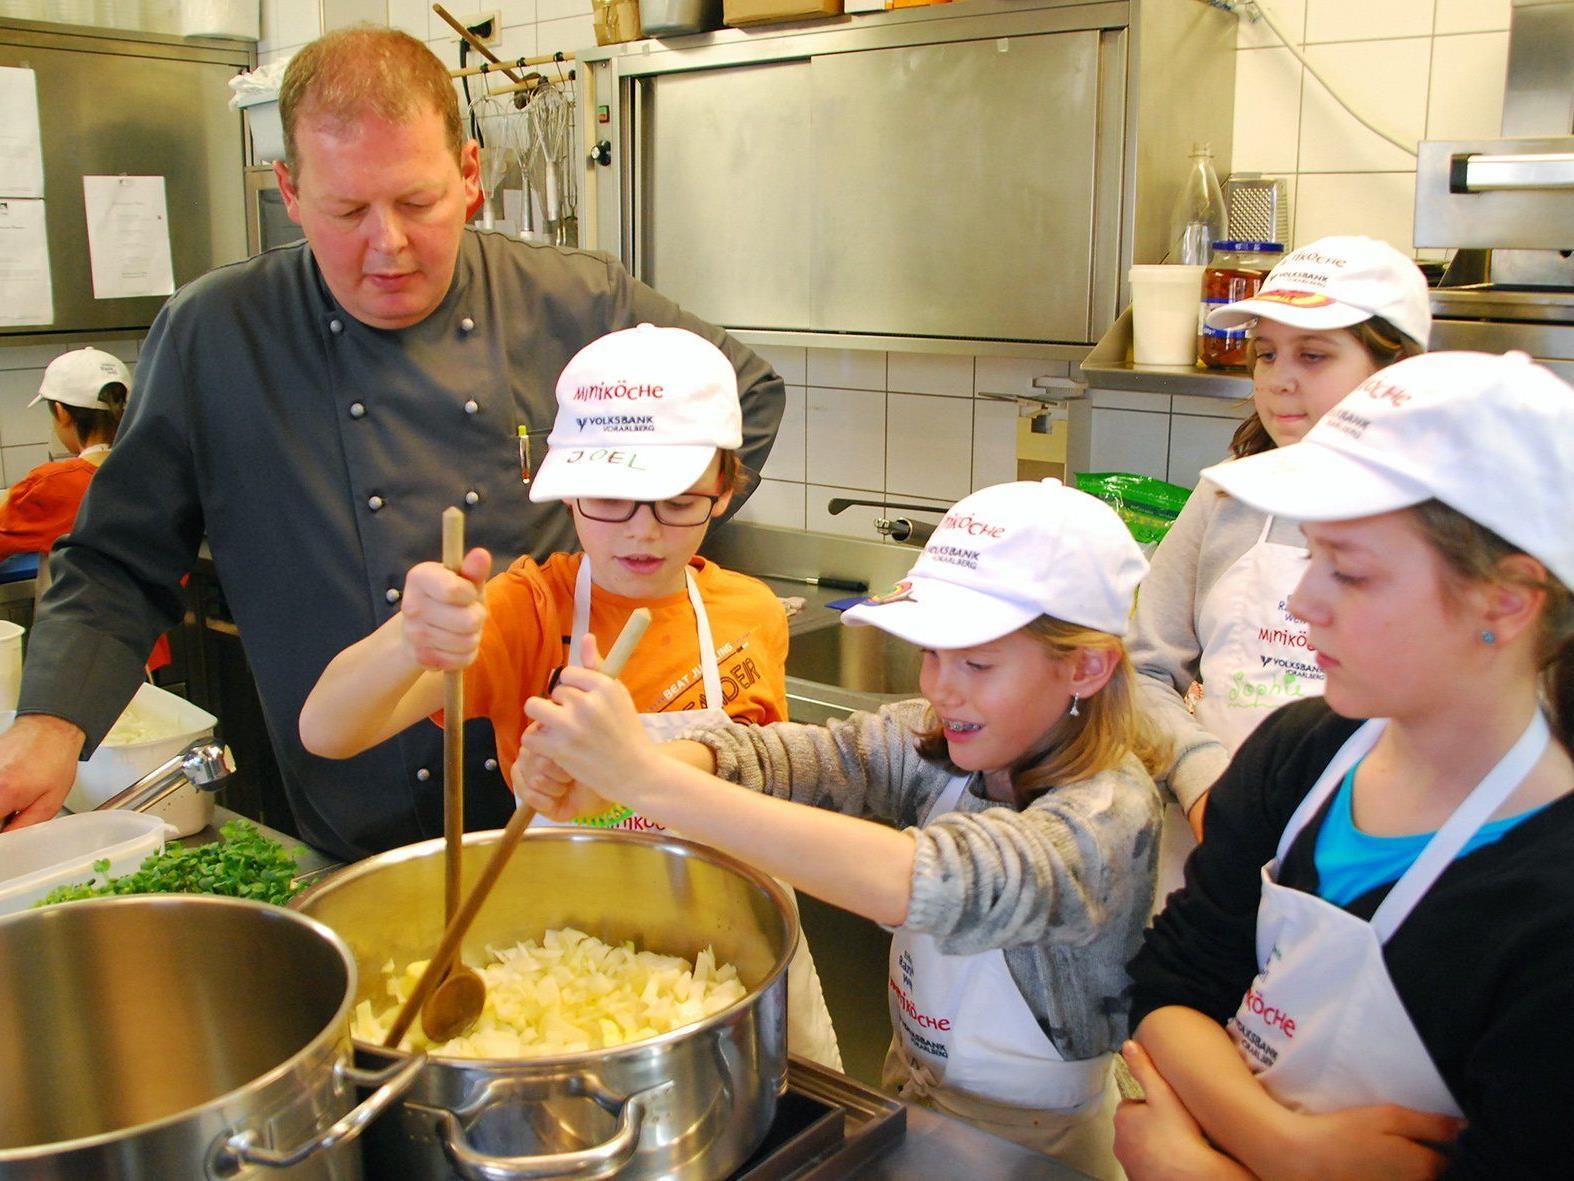 Die Rankweiler Miniköche waren im GH Schäfle am Kochen.